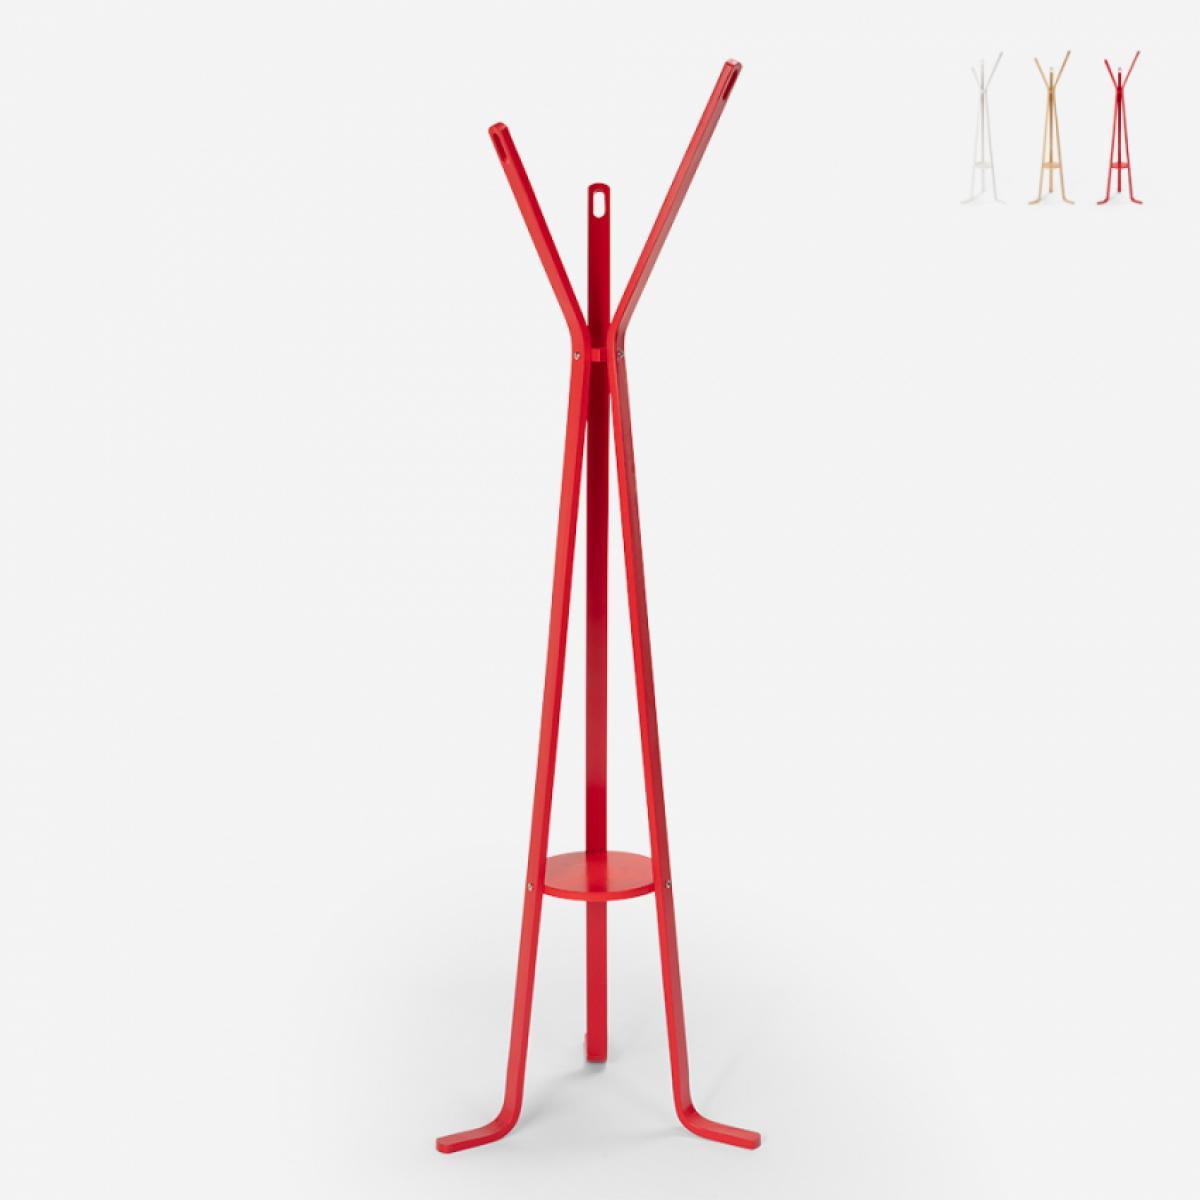 Ahd Amazing Home Design Porte-manteau en bois design nordique pour salon Nordstrand, Couleur: Rouge